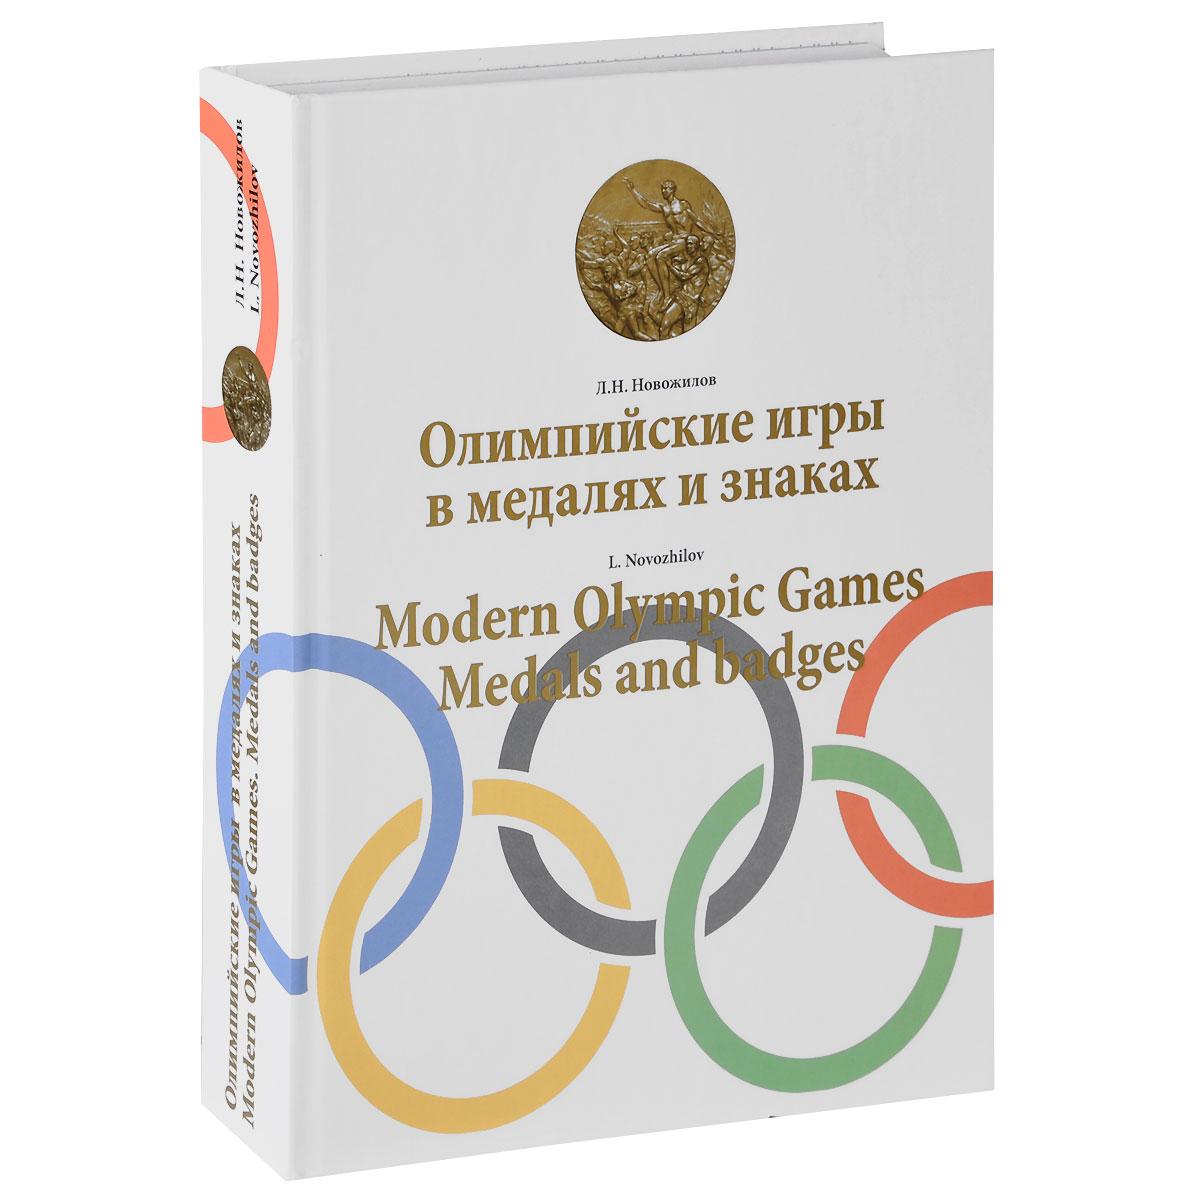 Олимпийские игры в медалях и знаках / Modern Olympic Games Medals and badges, Л. Н. Новожилов